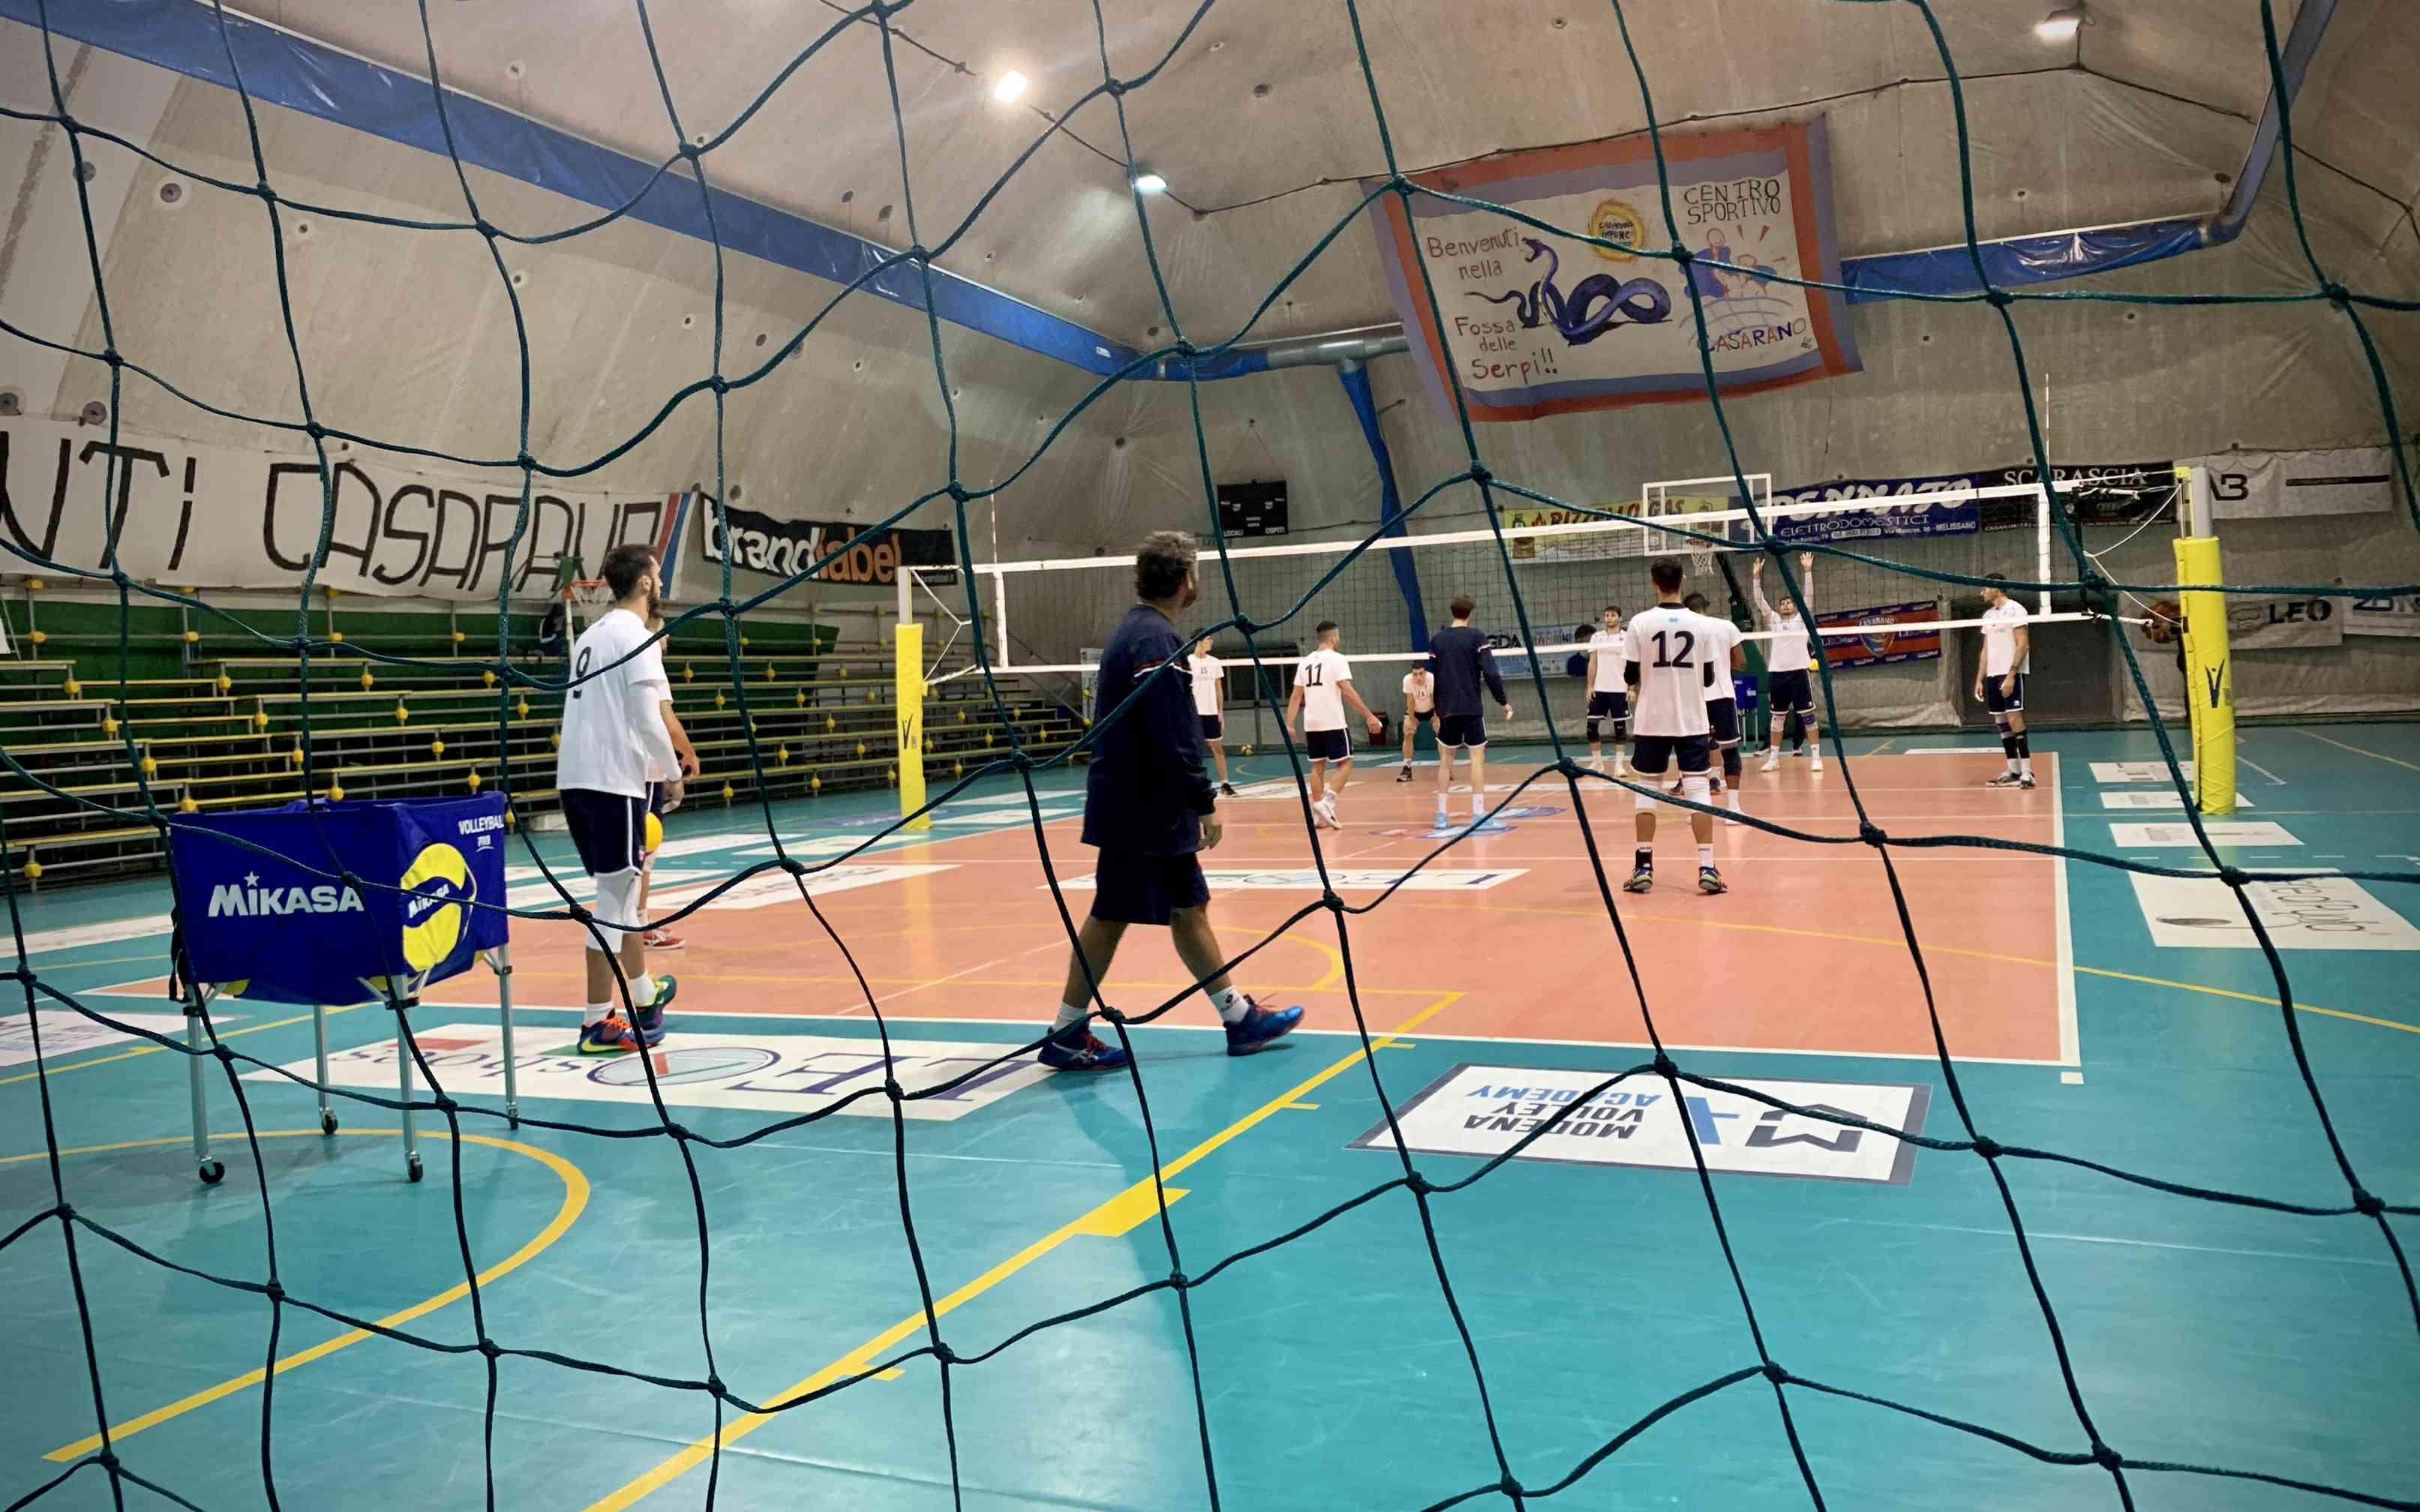 volley-casarano-ott-20